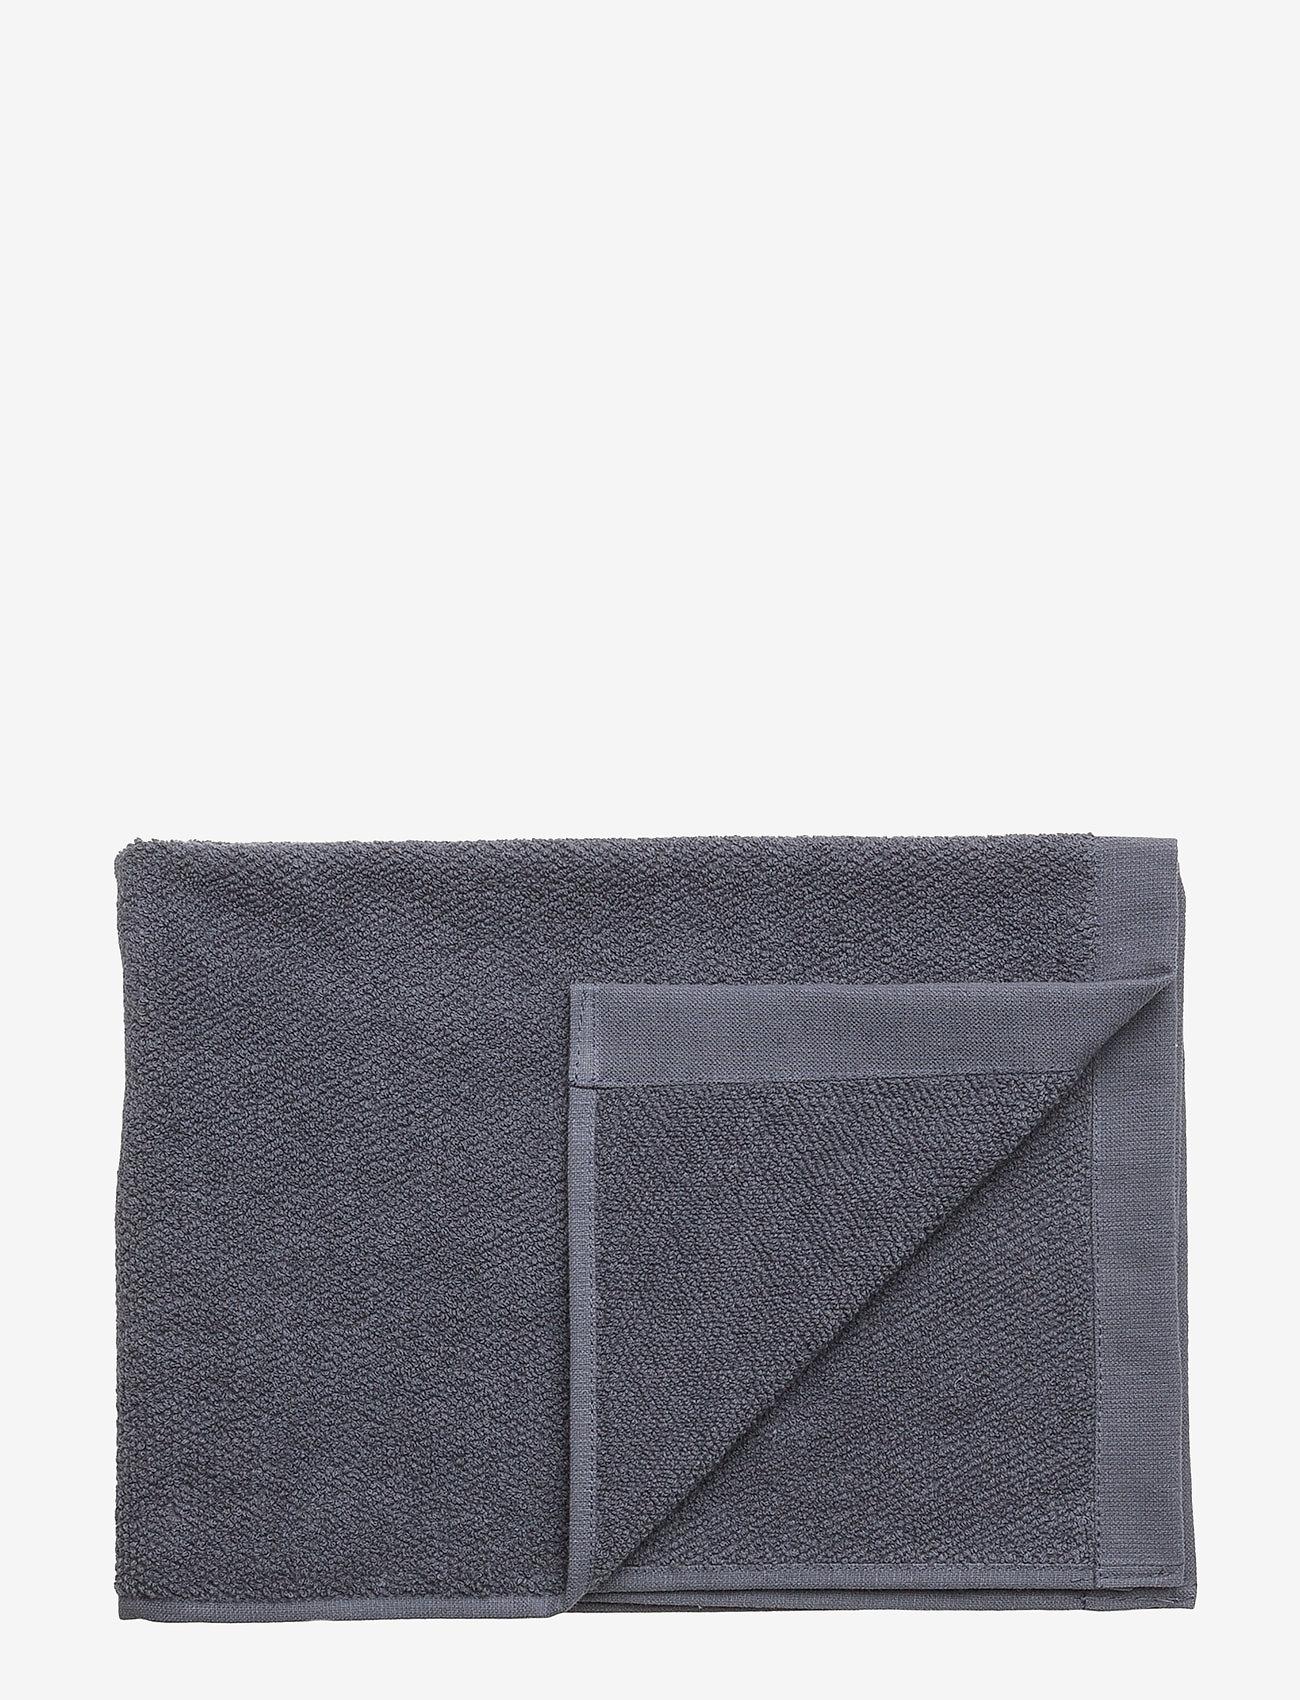 Gripsholm - TOWEL COTTON LINEN - towels - ombre blue - 1